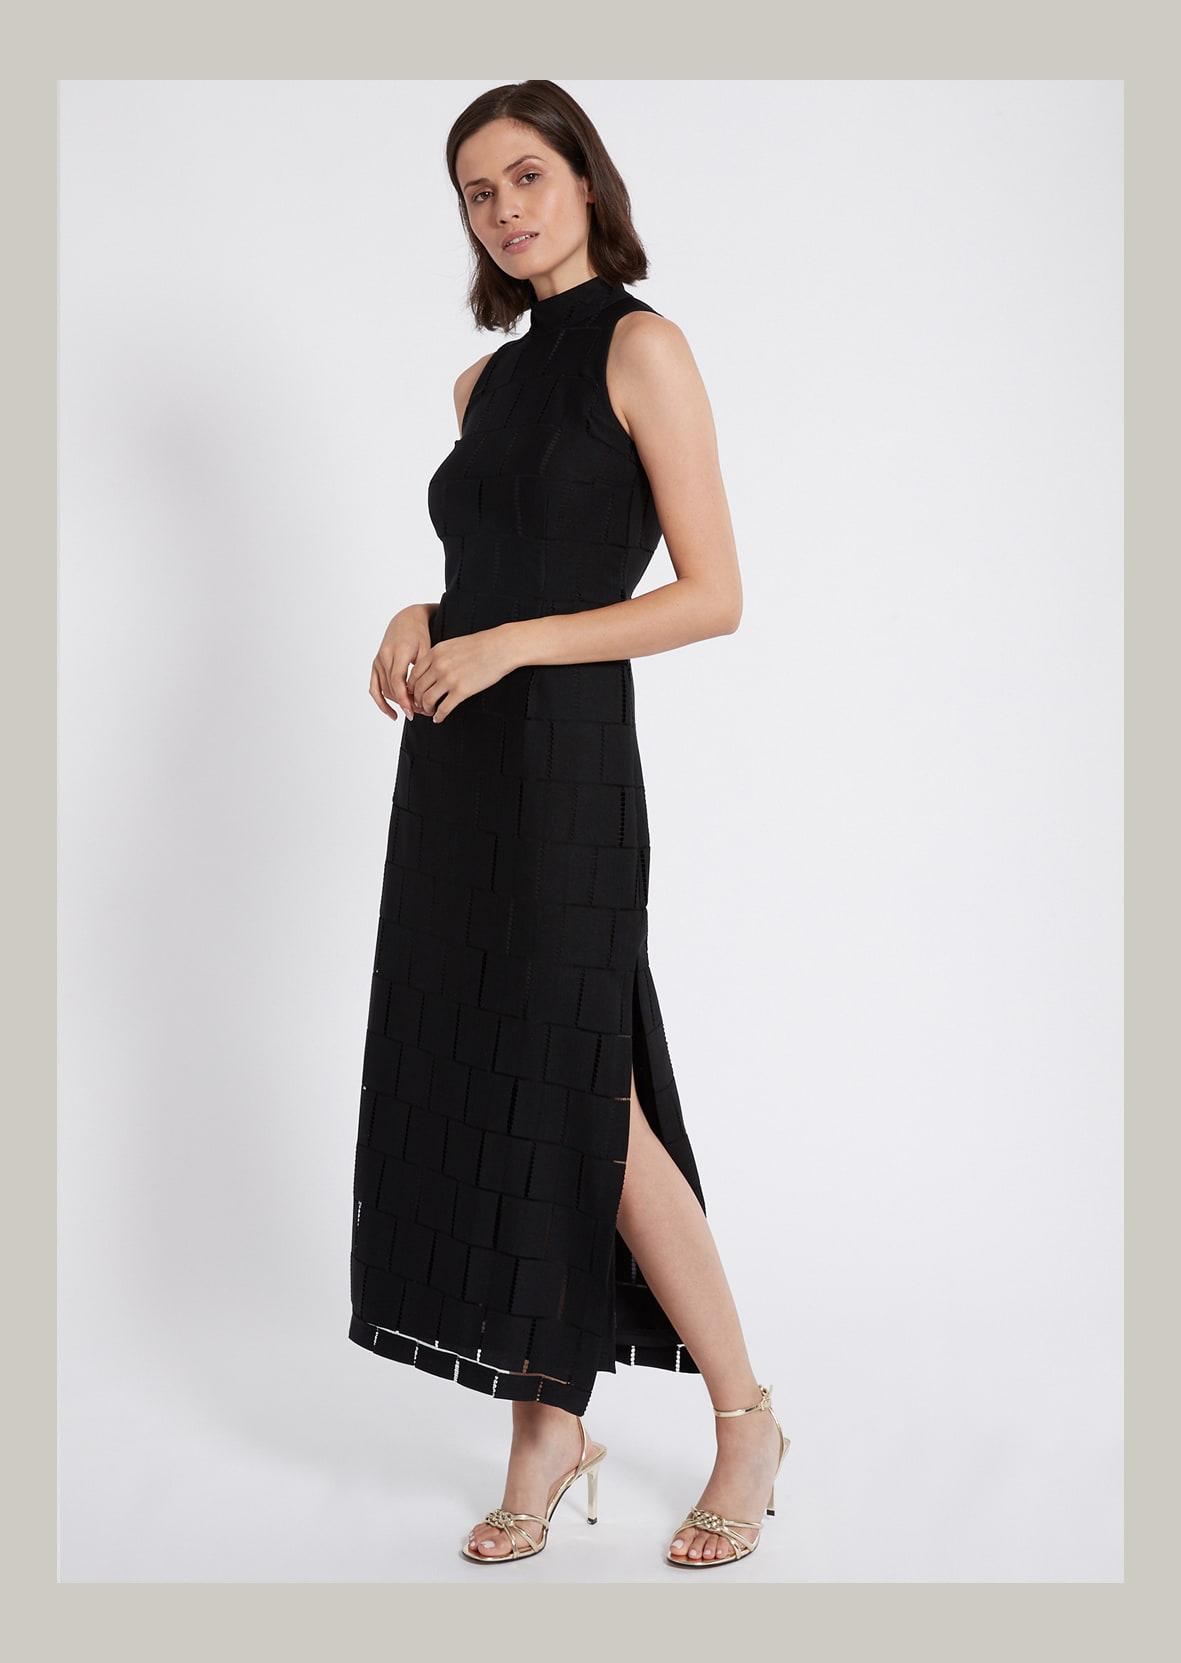 Fashion Guide: Kleiderstile & Größen auf einen Blick | Ana Alcazar